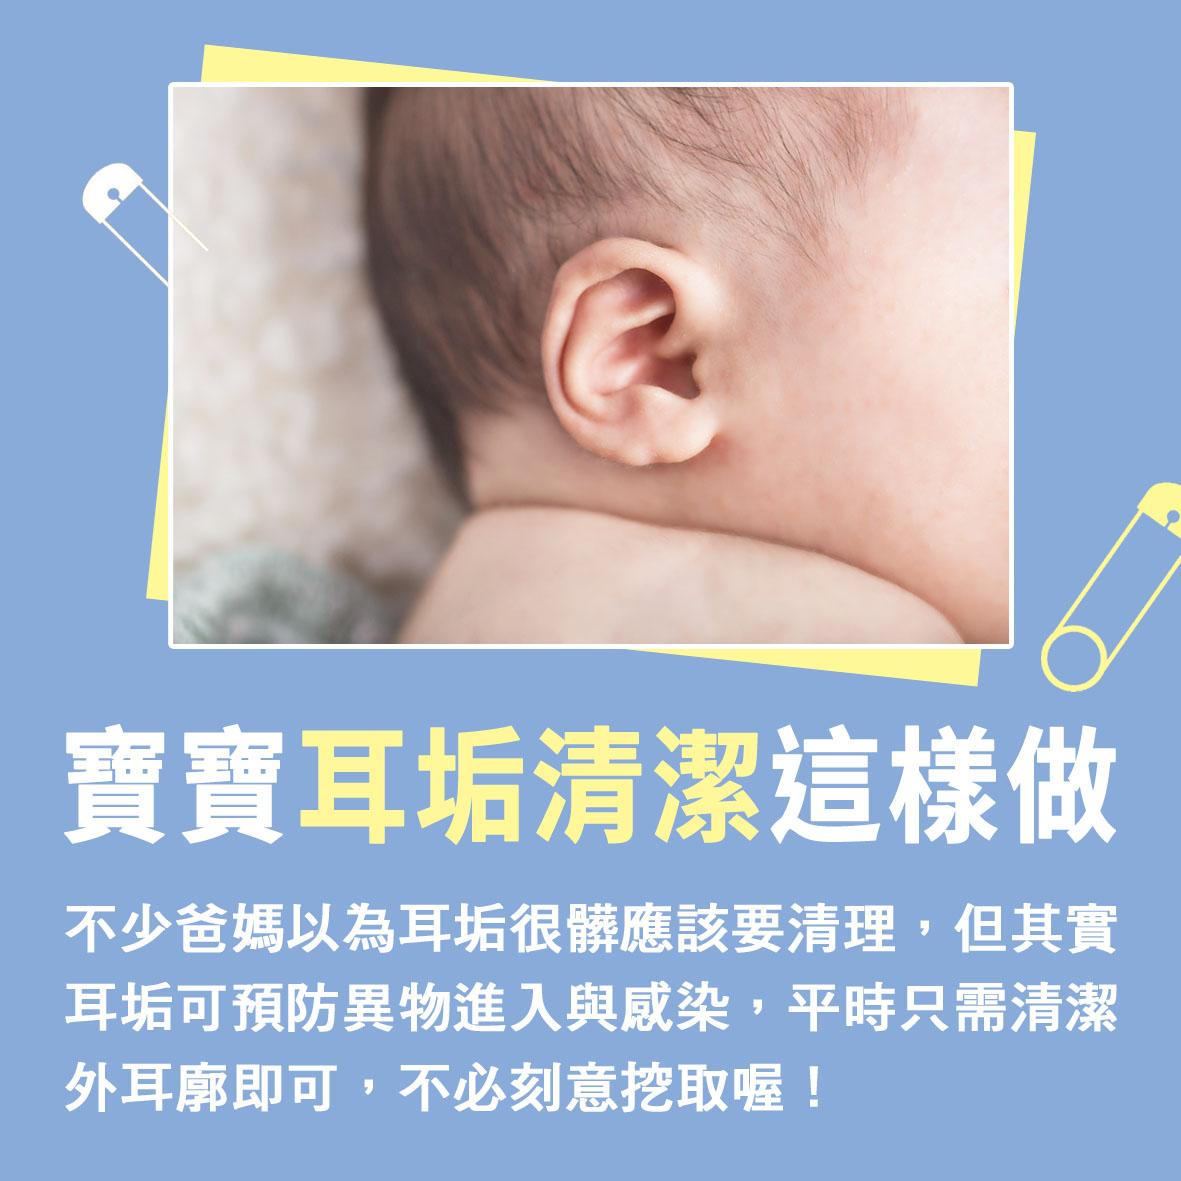 寶寶篇第8週-寶寶耳垢清潔這樣做